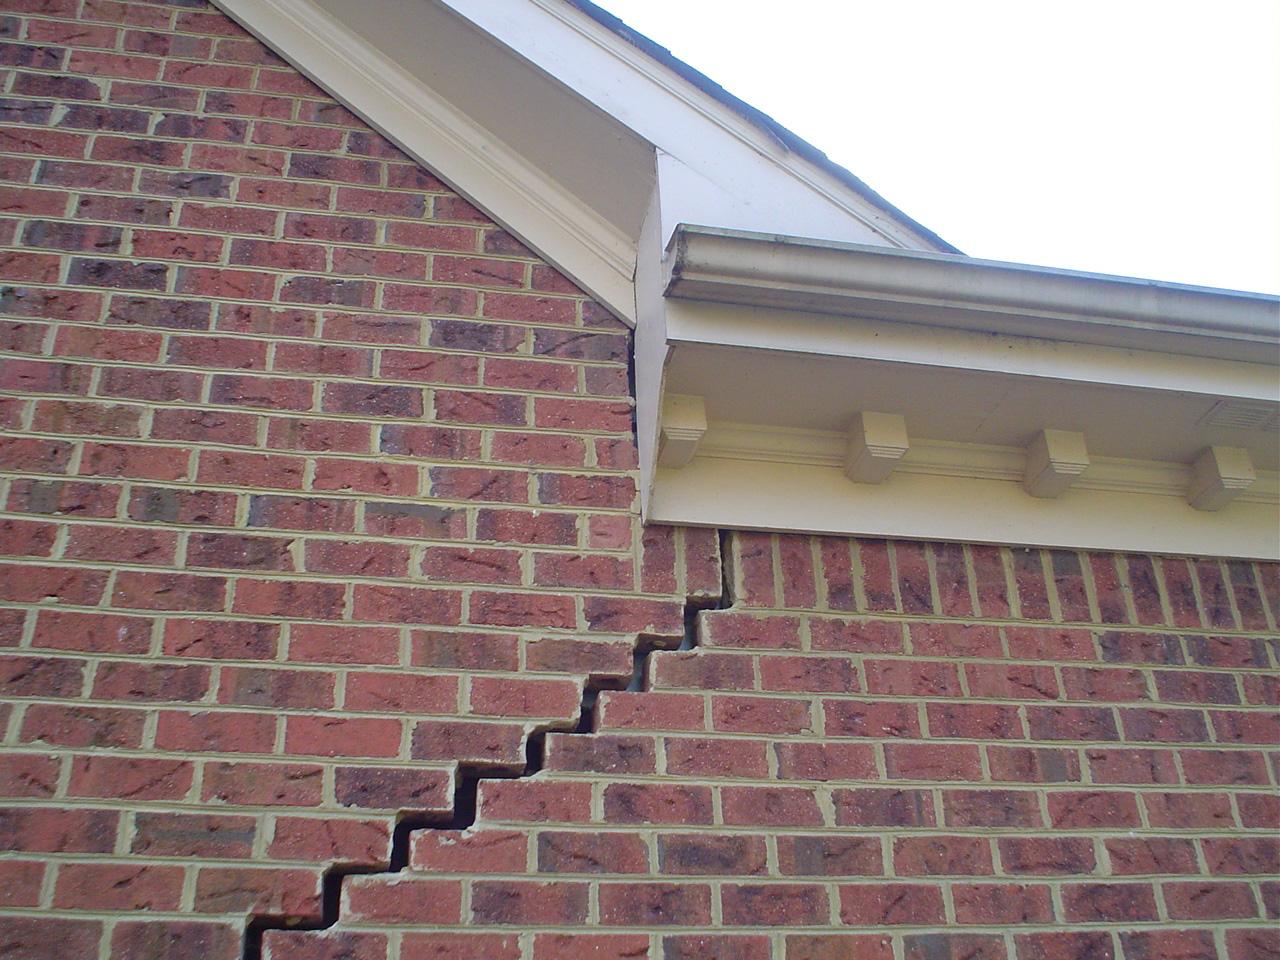 Foundation Repair In Fairfield Ct